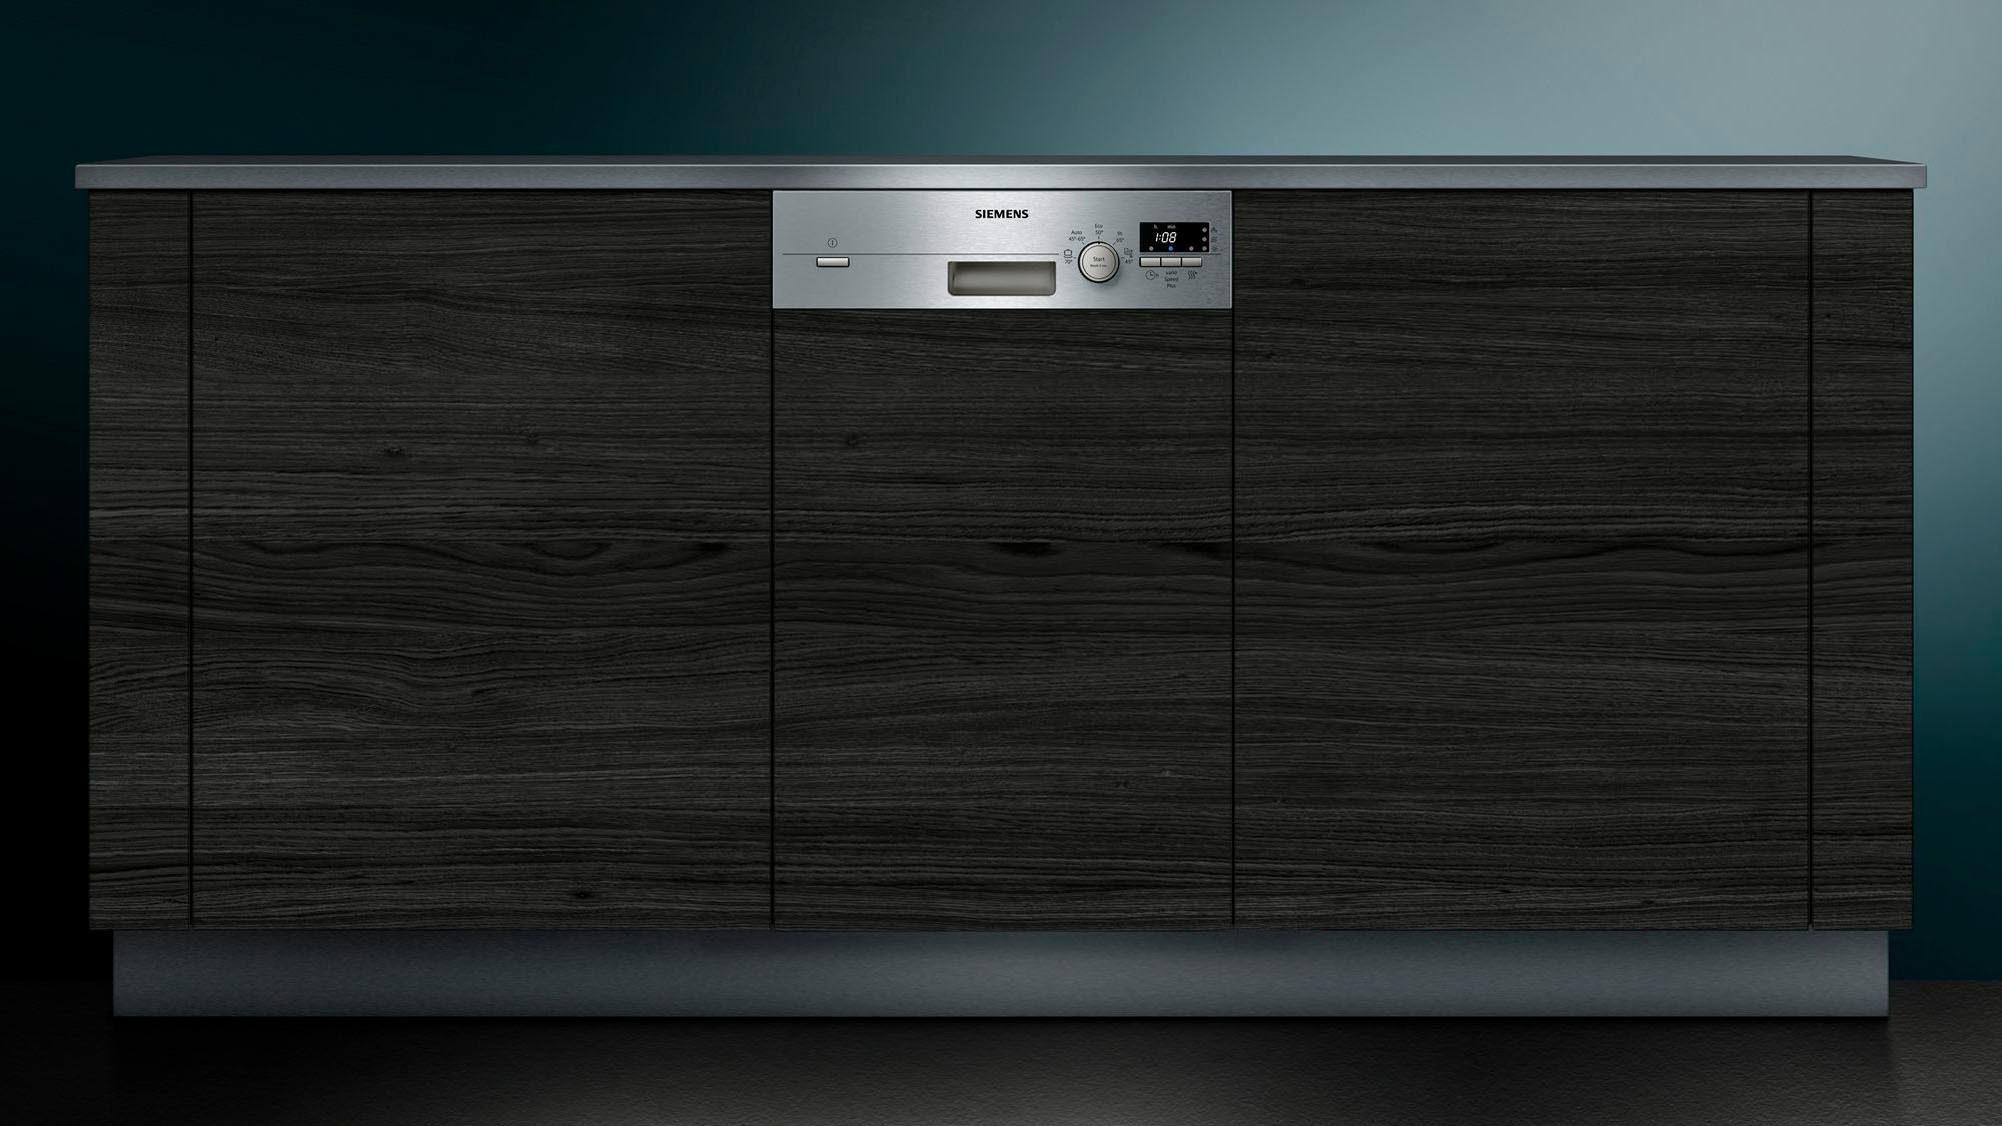 Siemens Kühlschrank Otto : Teilintegrierbare siemens geschirrspüler online kaufen otto